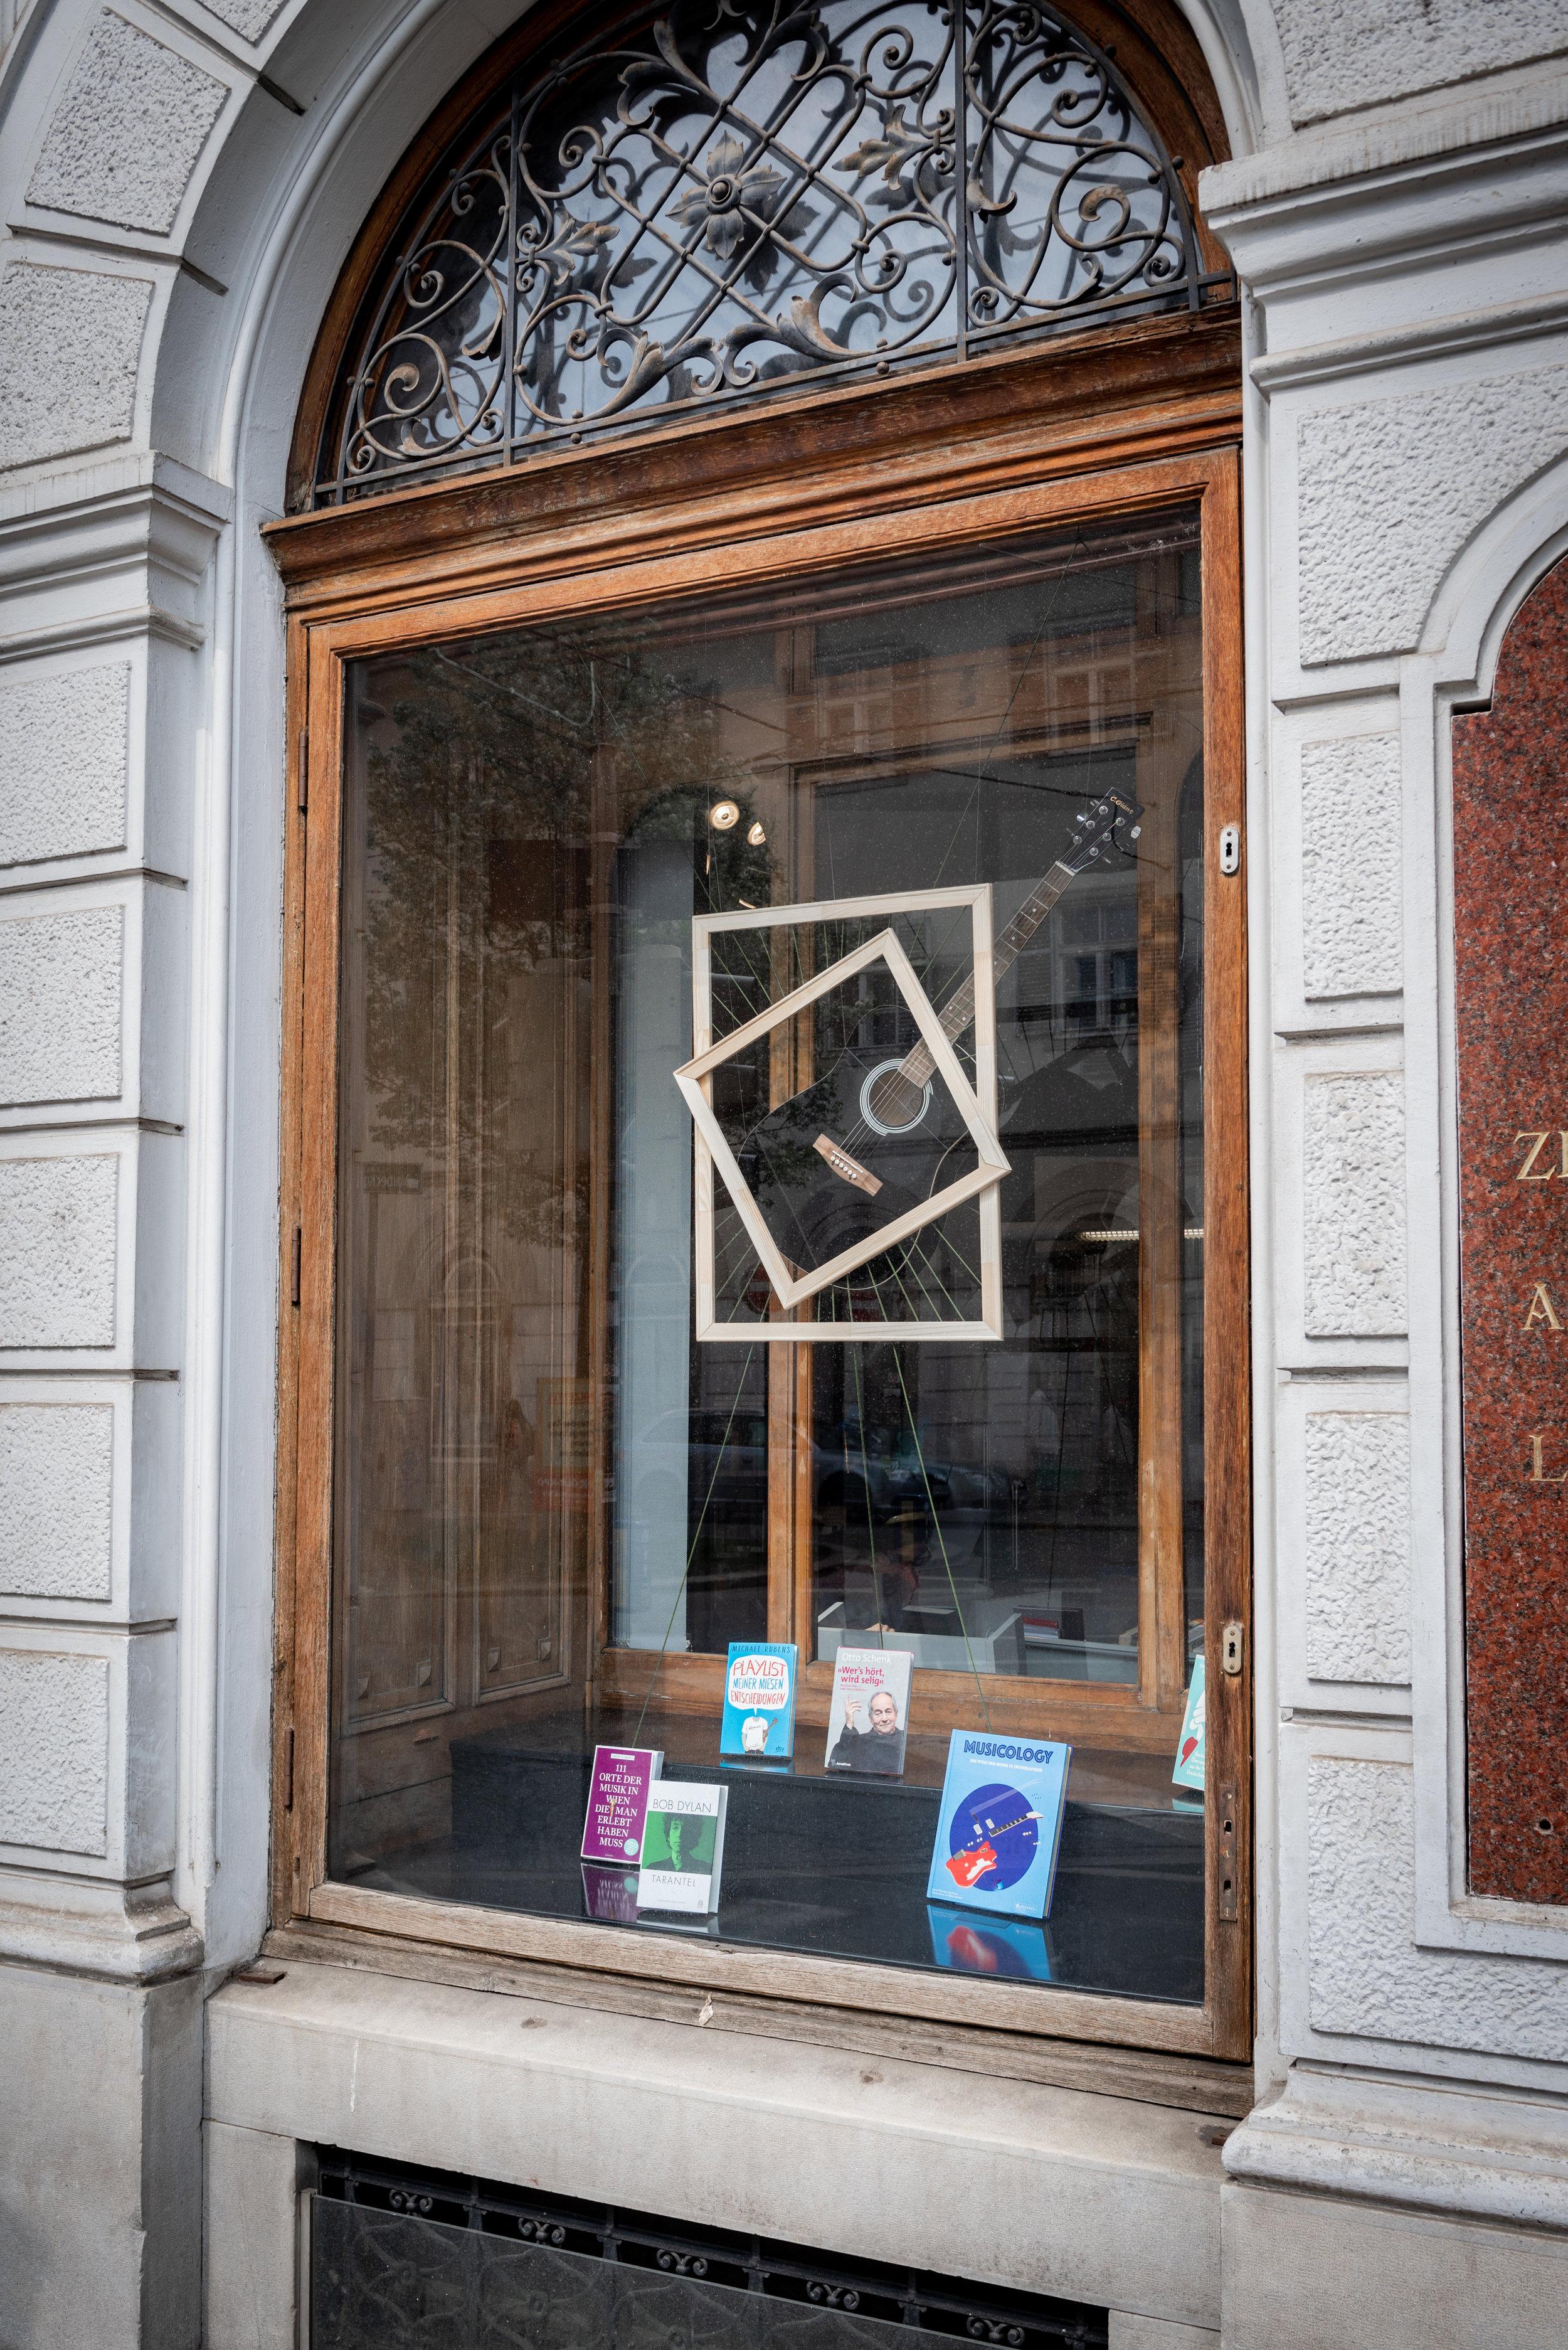 Schaufenster-Stadtbibliothek-Graz-Foto-Andy-Joe-5.jpg